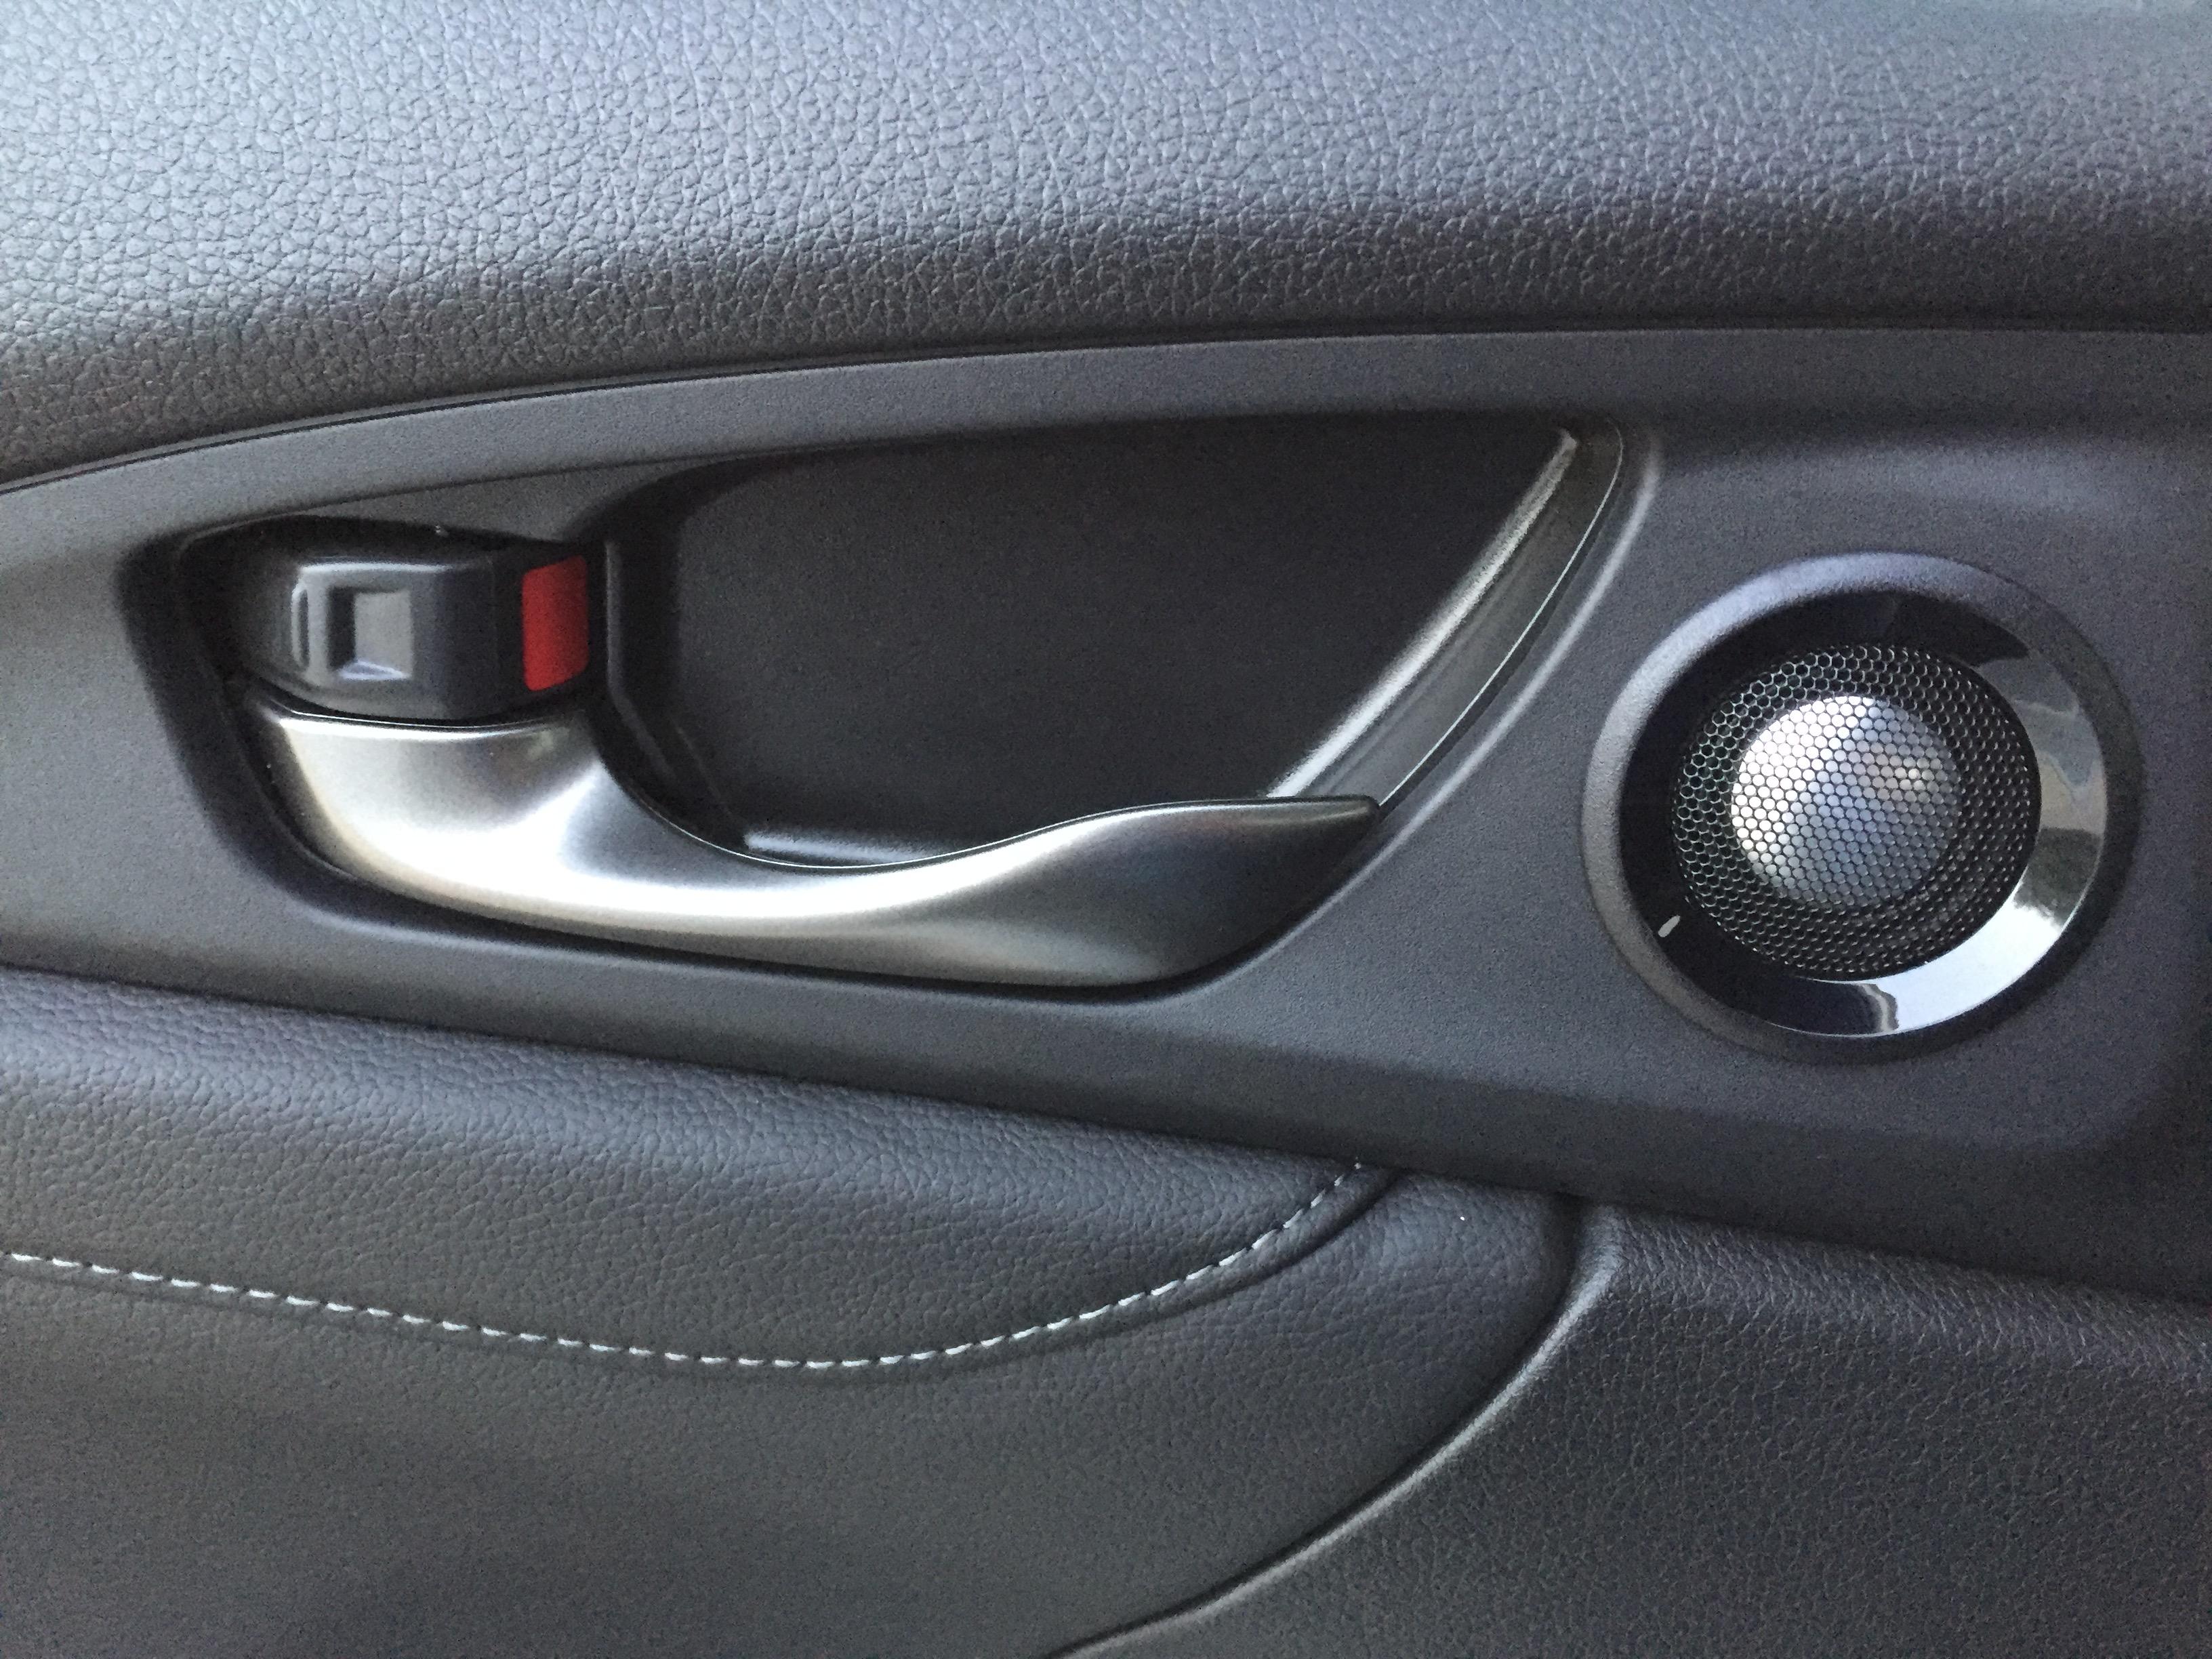 Honda Civic Sedan Ailesine Dizel Otomatik Seçeneği Geldi